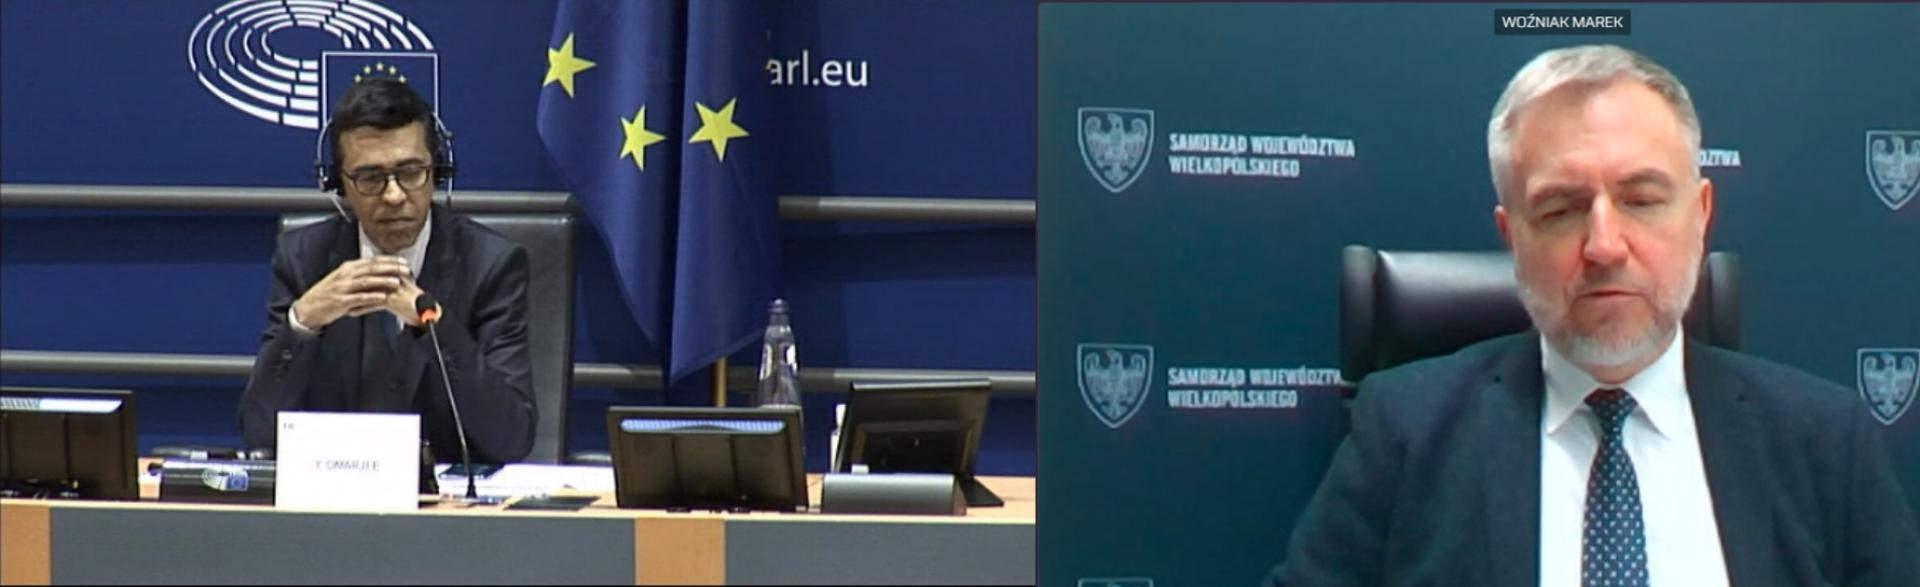 Marszałek Woźniak w Parlamencie Europejskim wzywa do większego włączenia regionów w tworzenie planów odbudowy - zobacz więcej